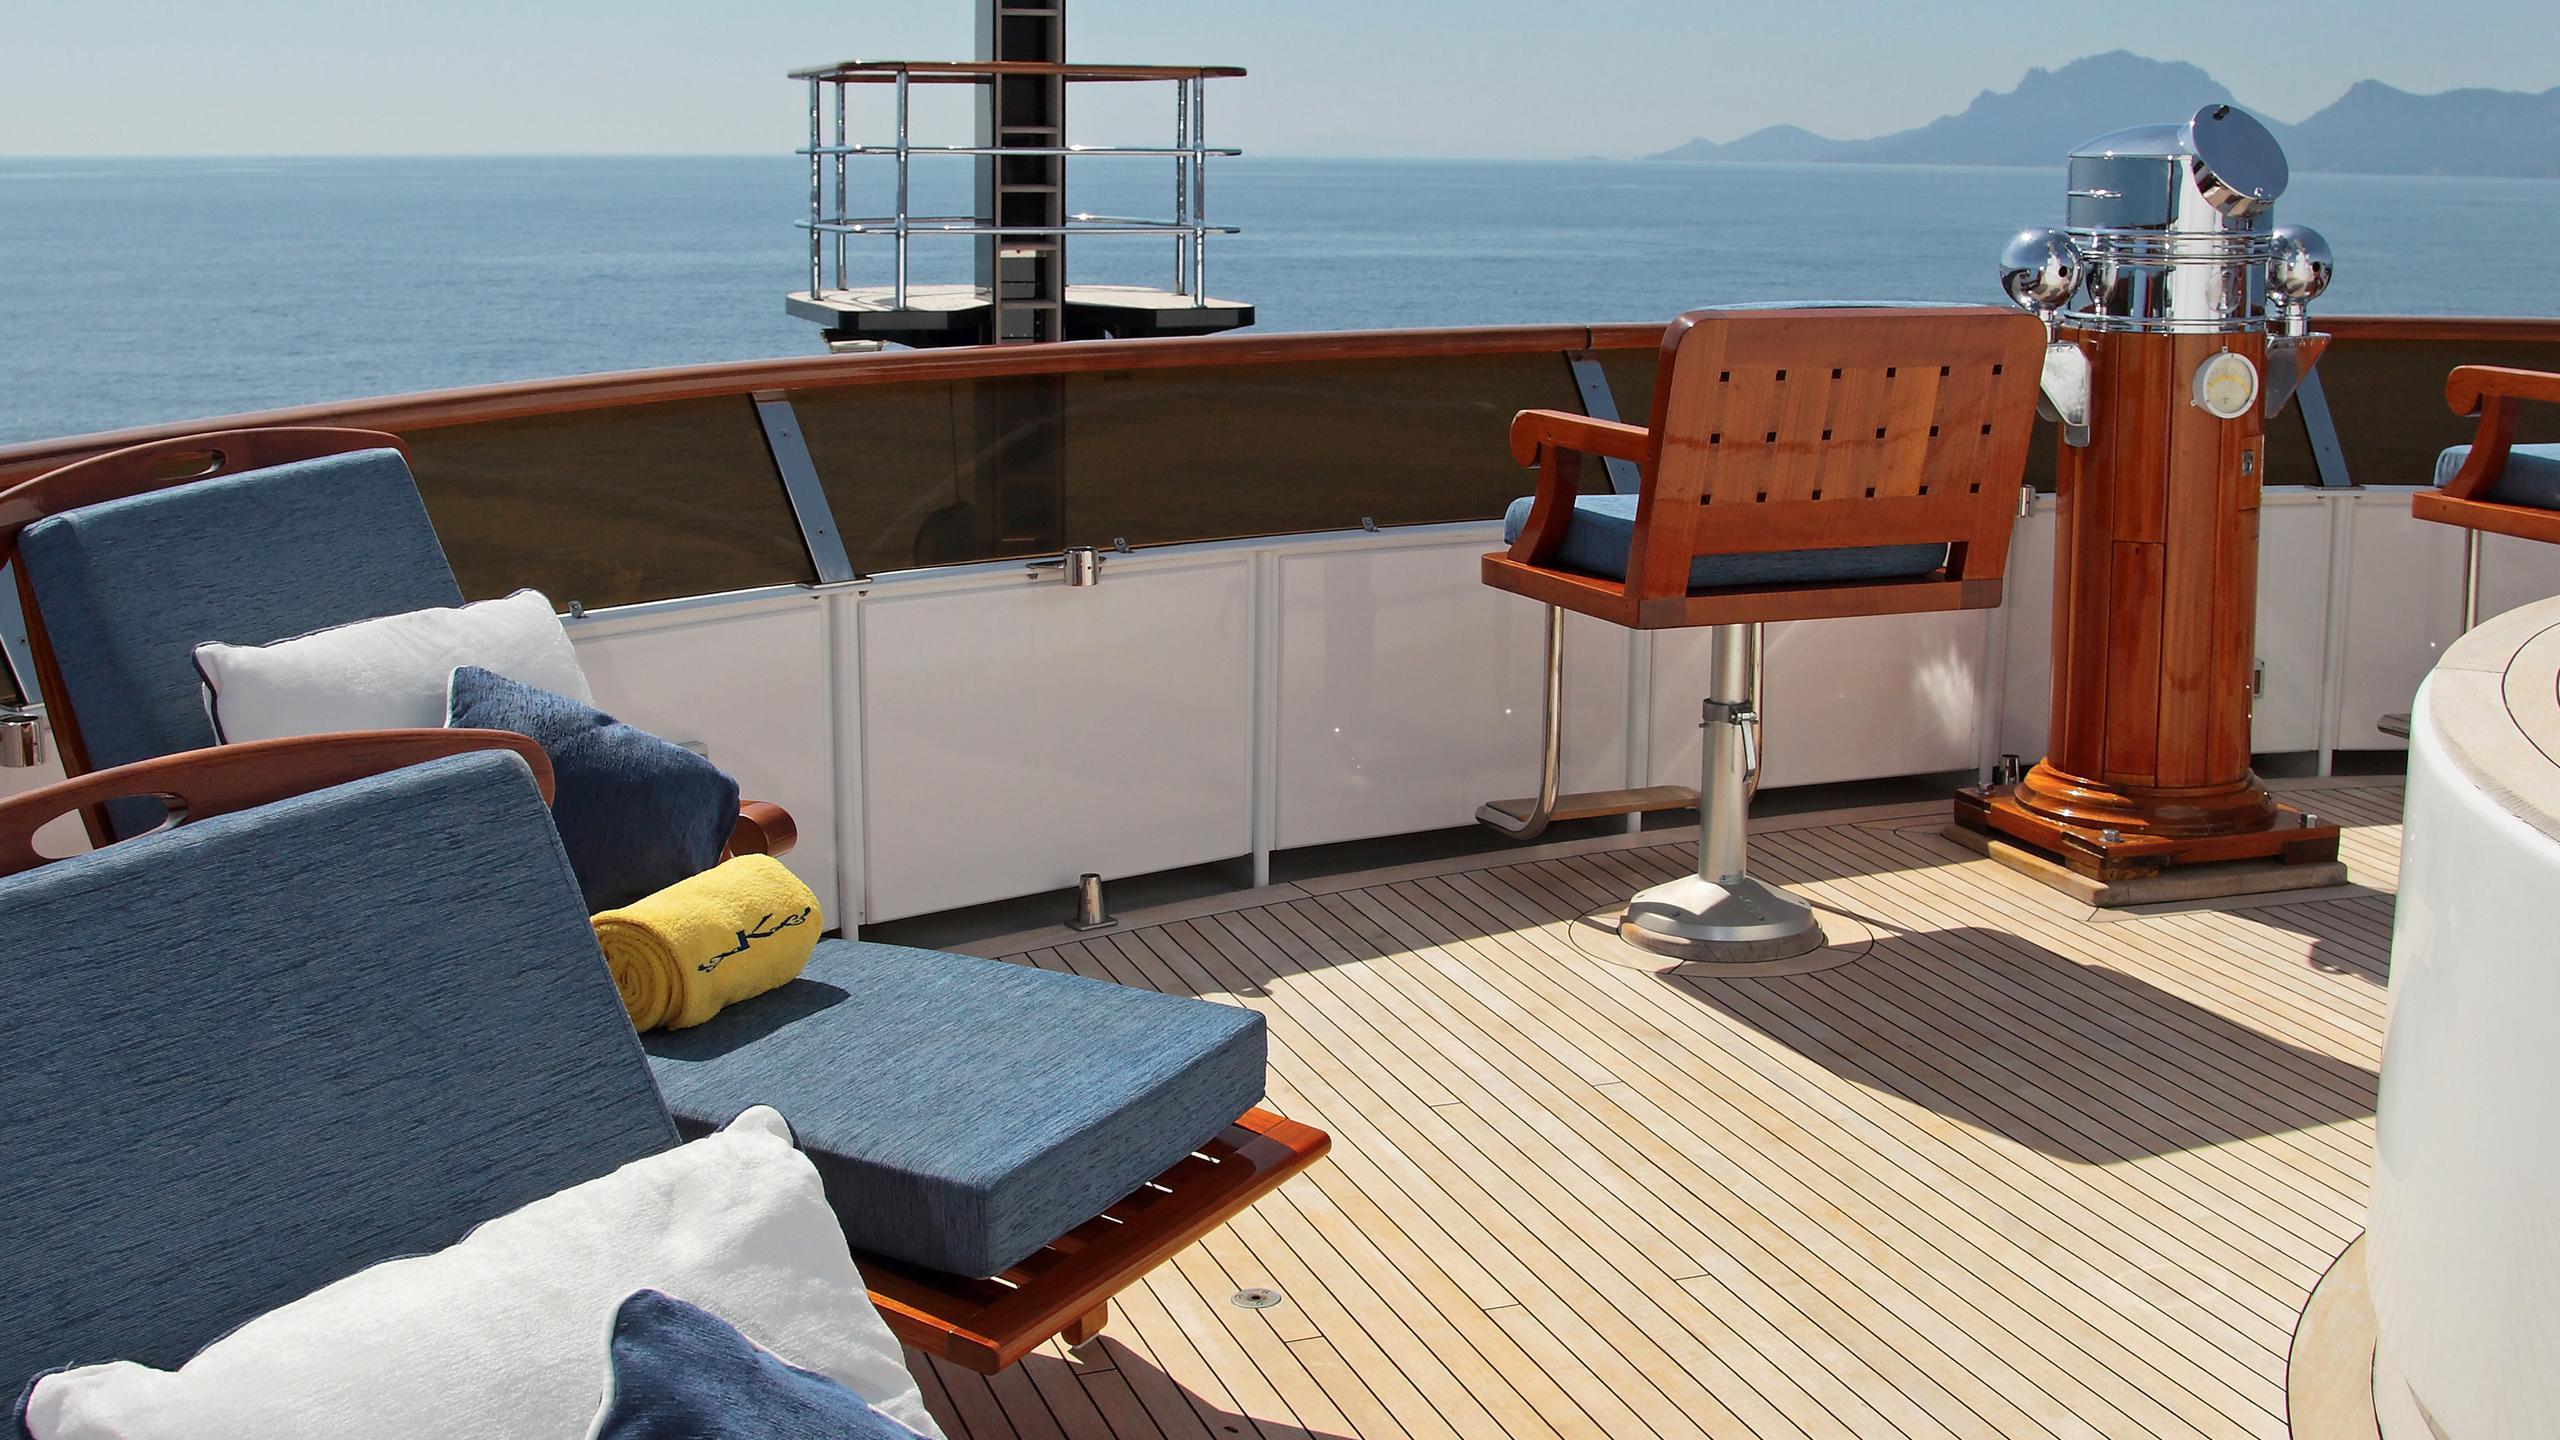 kirkland-yacht-sun-deck